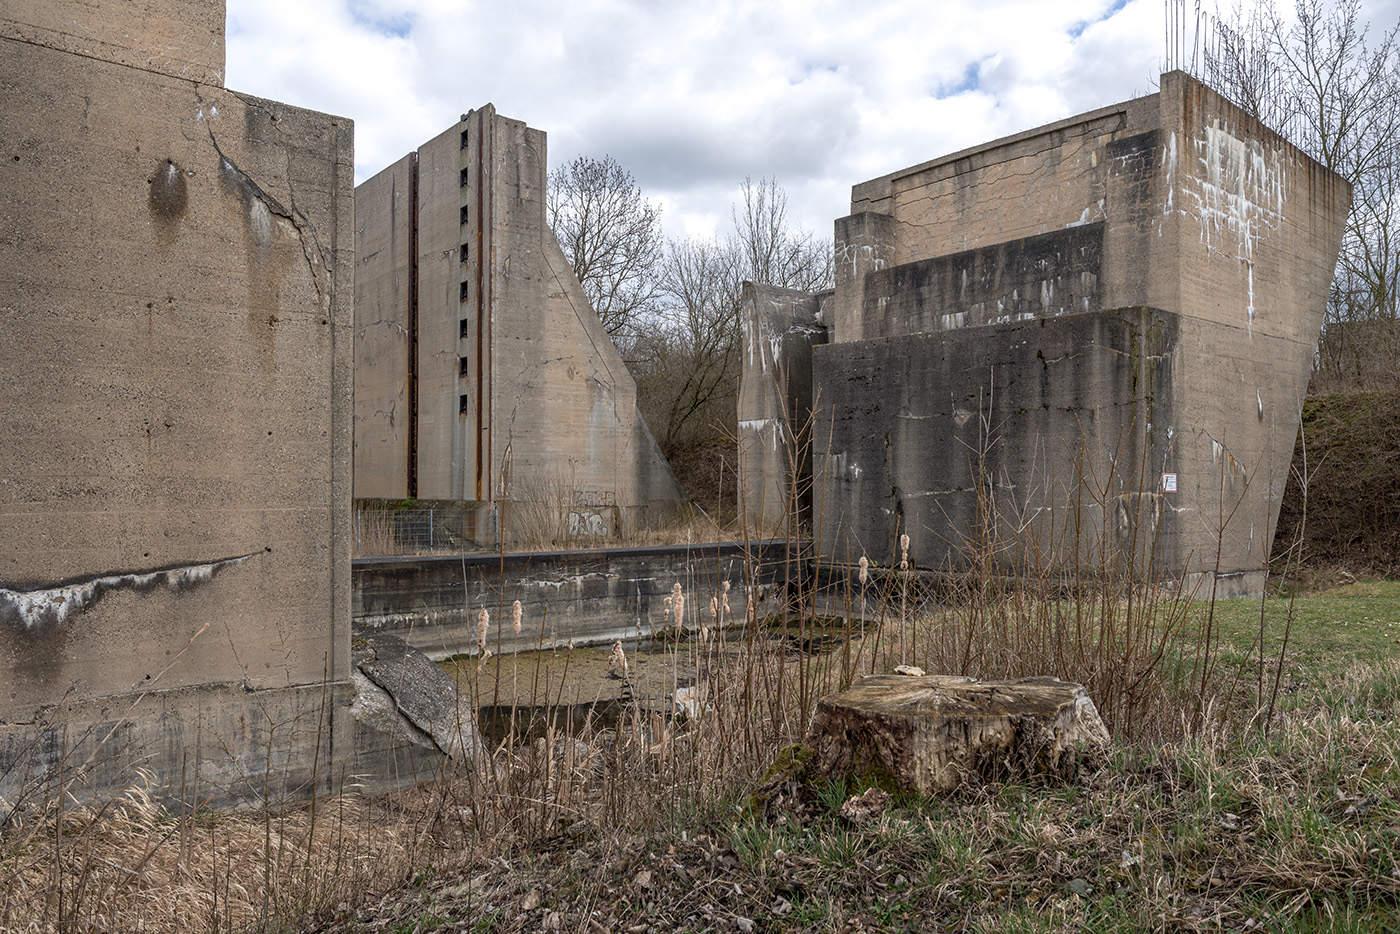 floodgate-wuesteneutzsch-4-image-by-markus-lehr